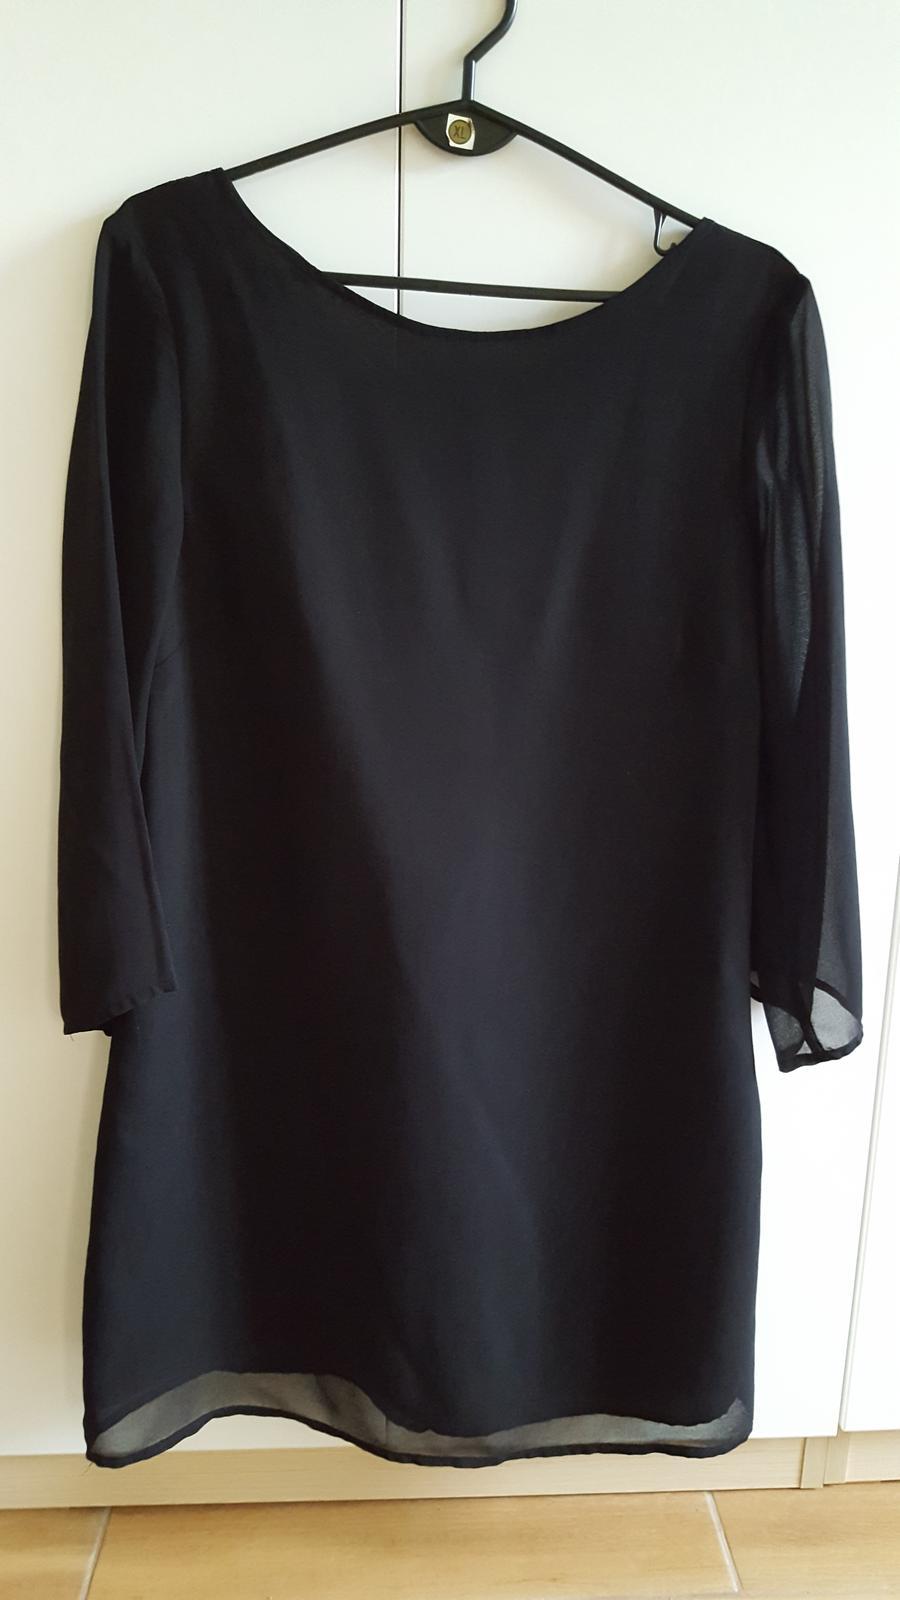 cierna predlzena bluzka - Obrázok č. 1